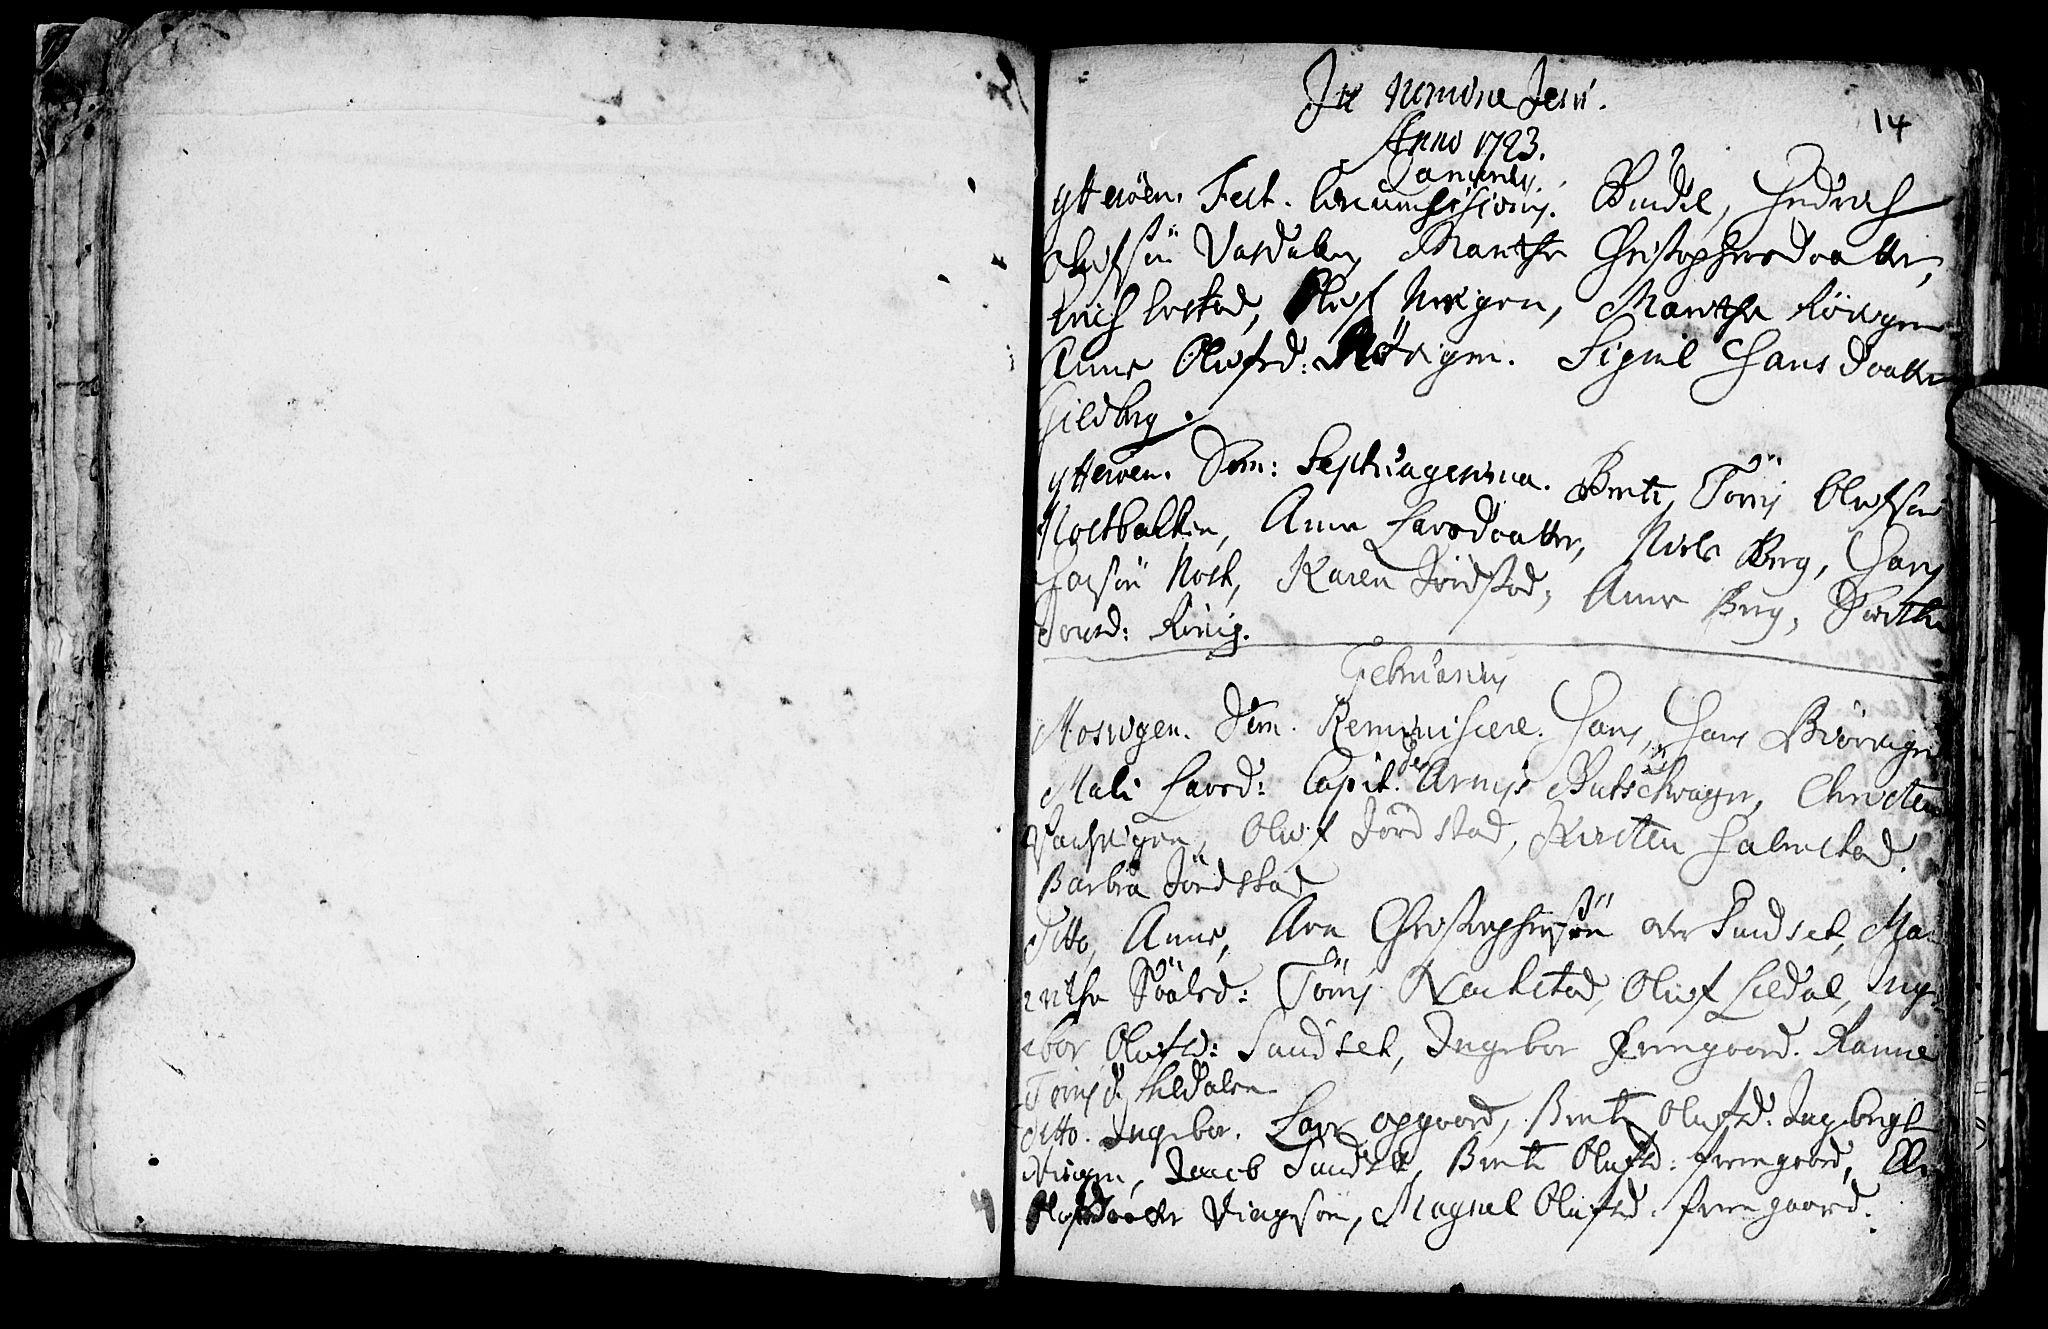 SAT, Ministerialprotokoller, klokkerbøker og fødselsregistre - Nord-Trøndelag, 722/L0215: Ministerialbok nr. 722A02, 1718-1755, s. 14